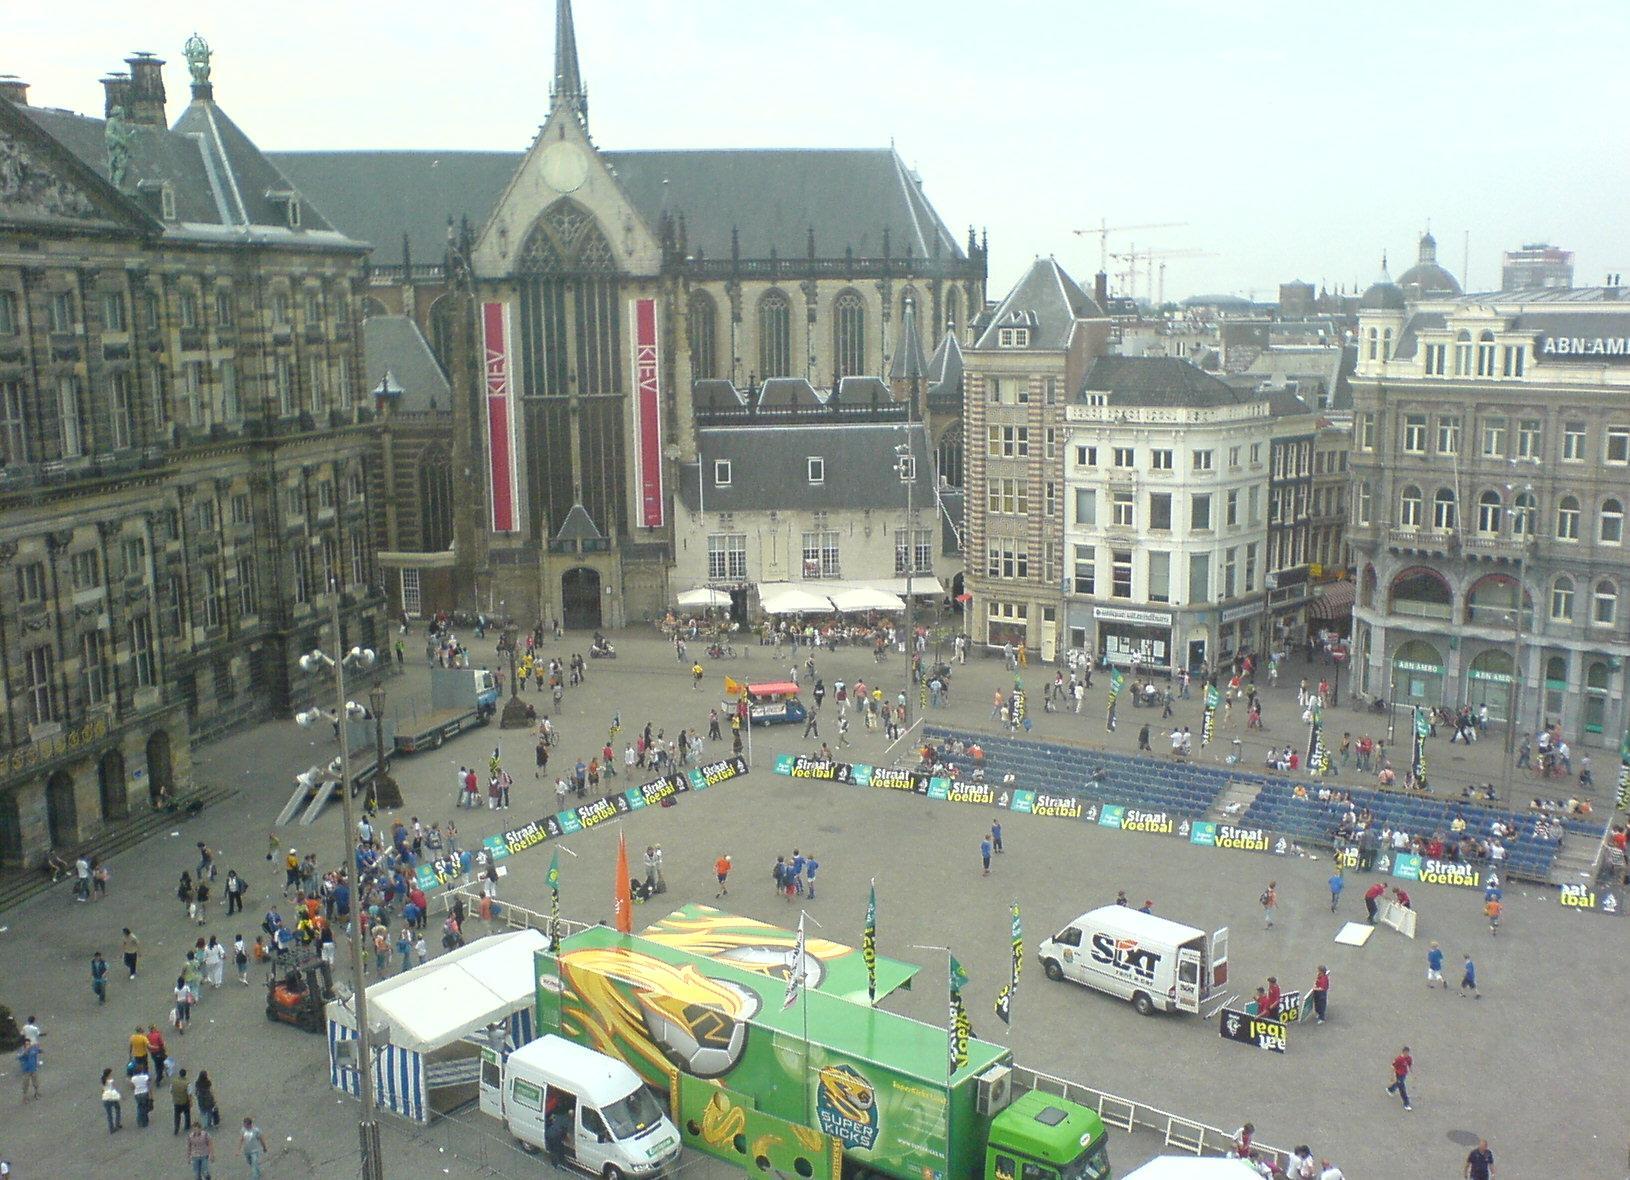 Fil dam square wikipedia for Dam in amsterdam